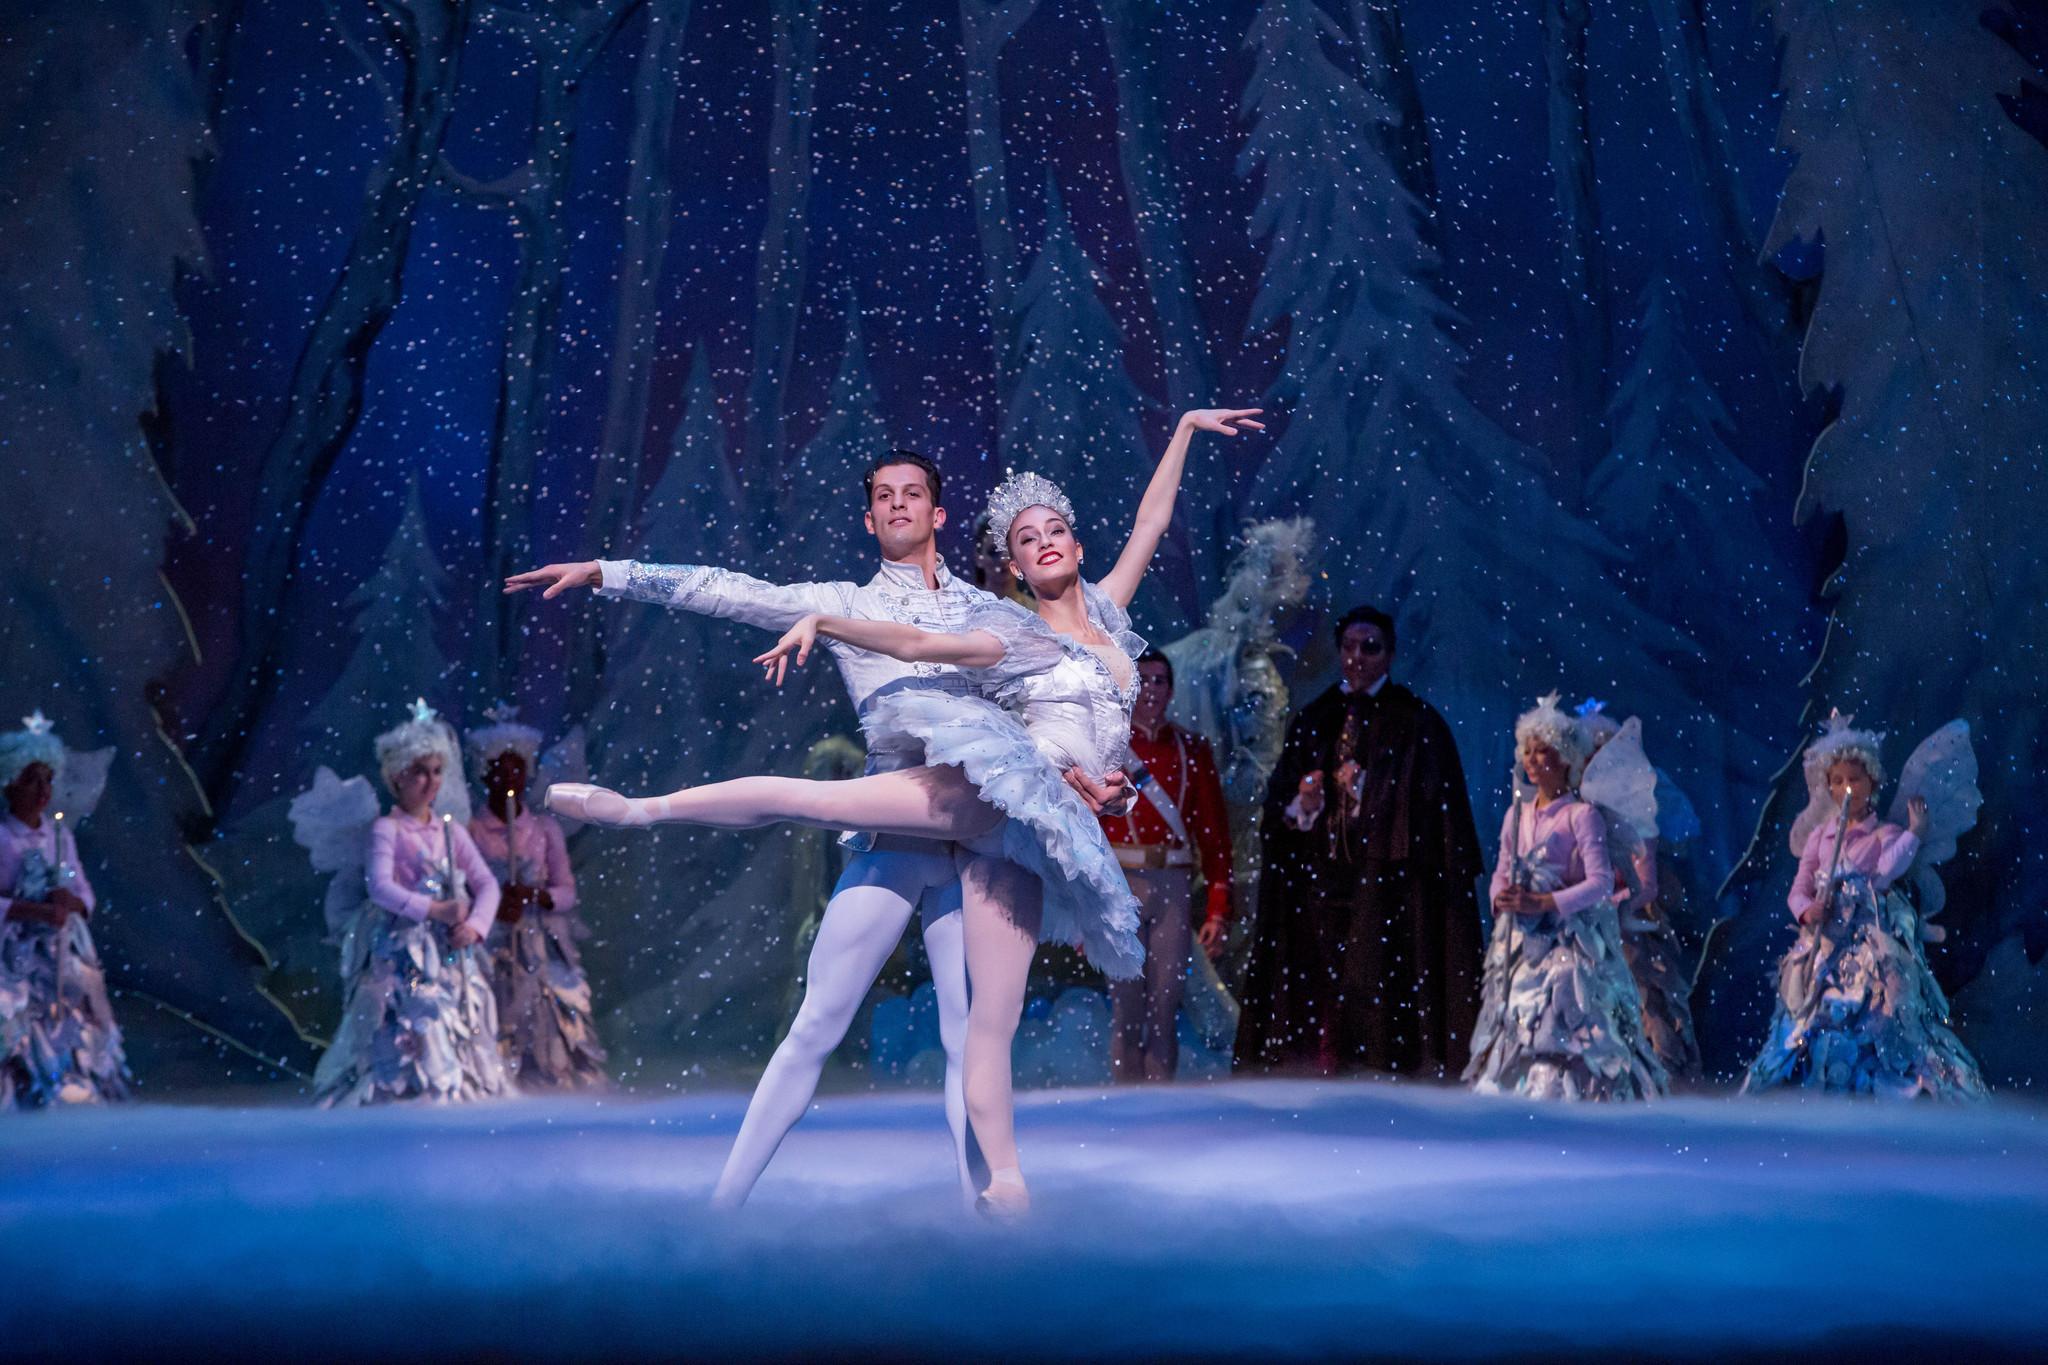 An AMAZING Nutcracker performance ! ! - Joffrey Ballet